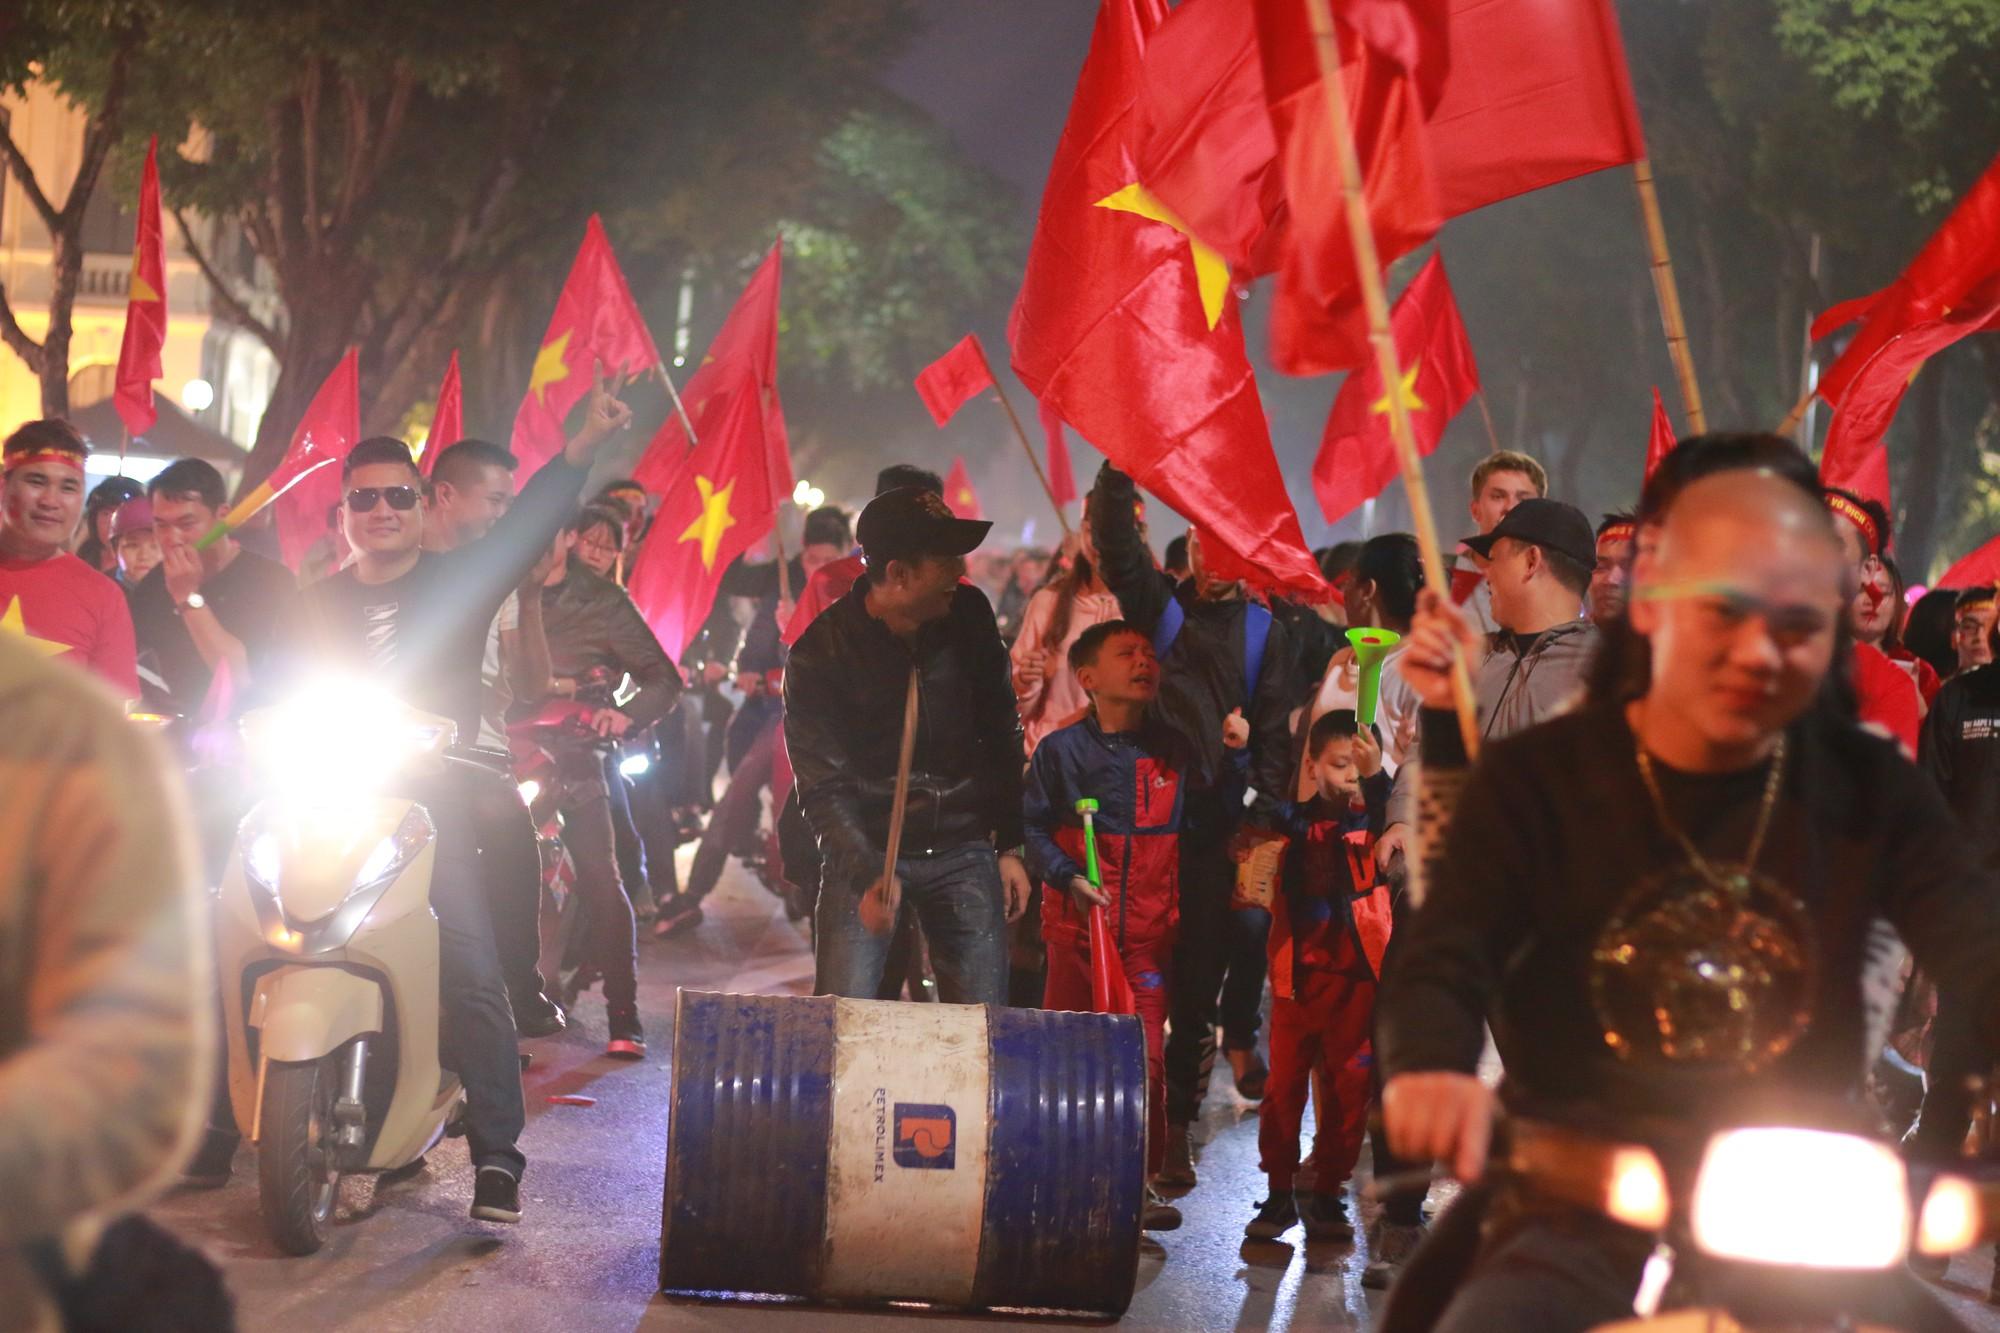 Những nhạc cụ gõ mừng U23 Việt Nam chiến thắng đặc dị khác thường nhất đêm qua - Ảnh 4.